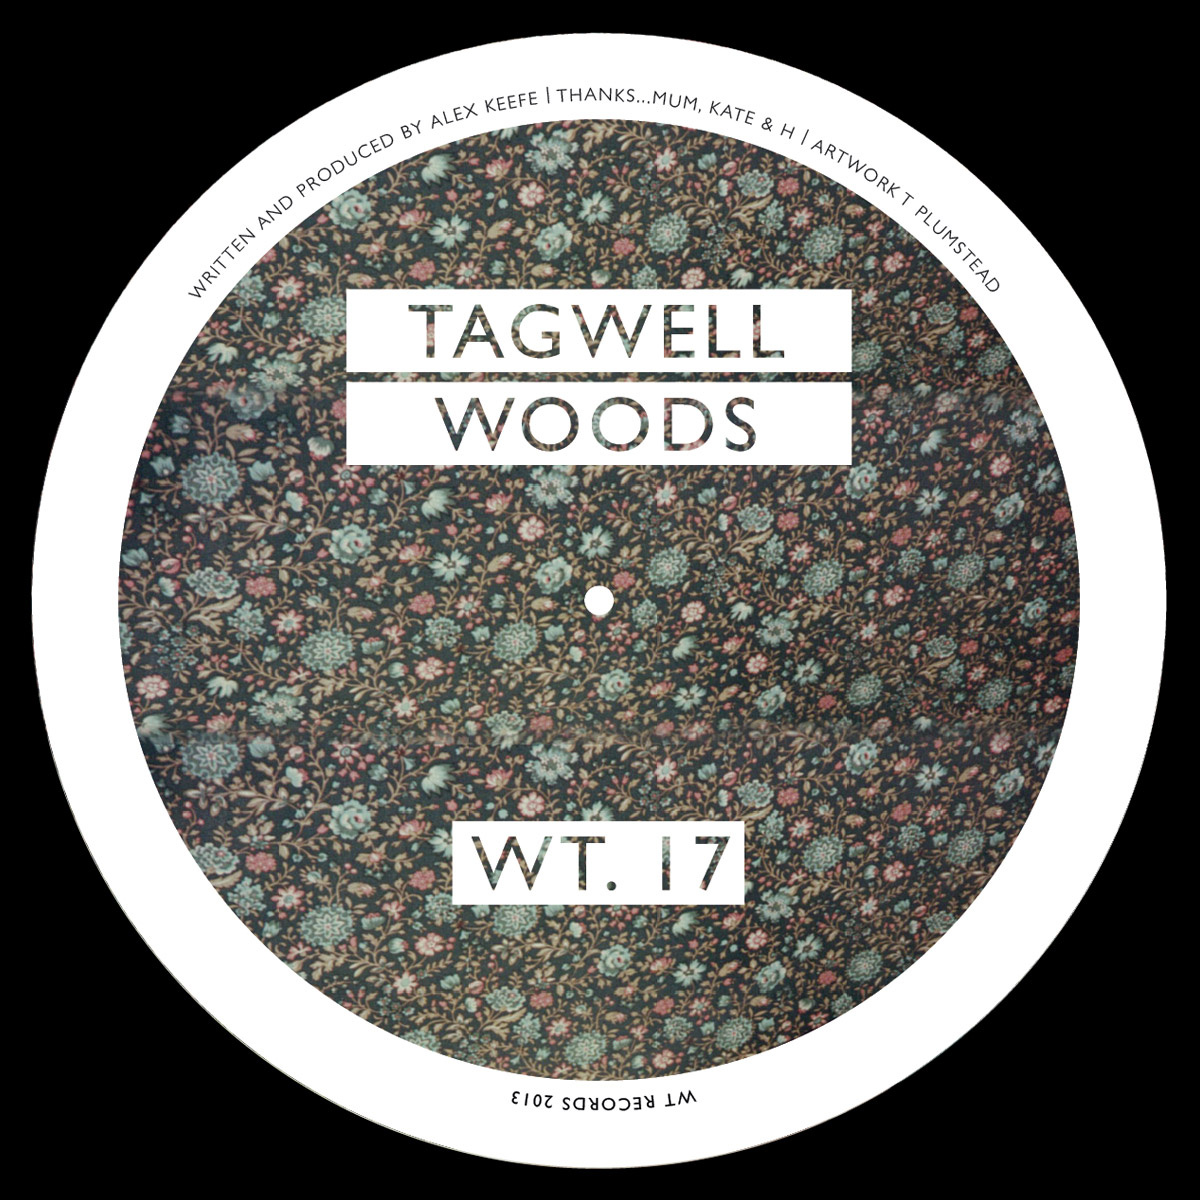 Tagwell